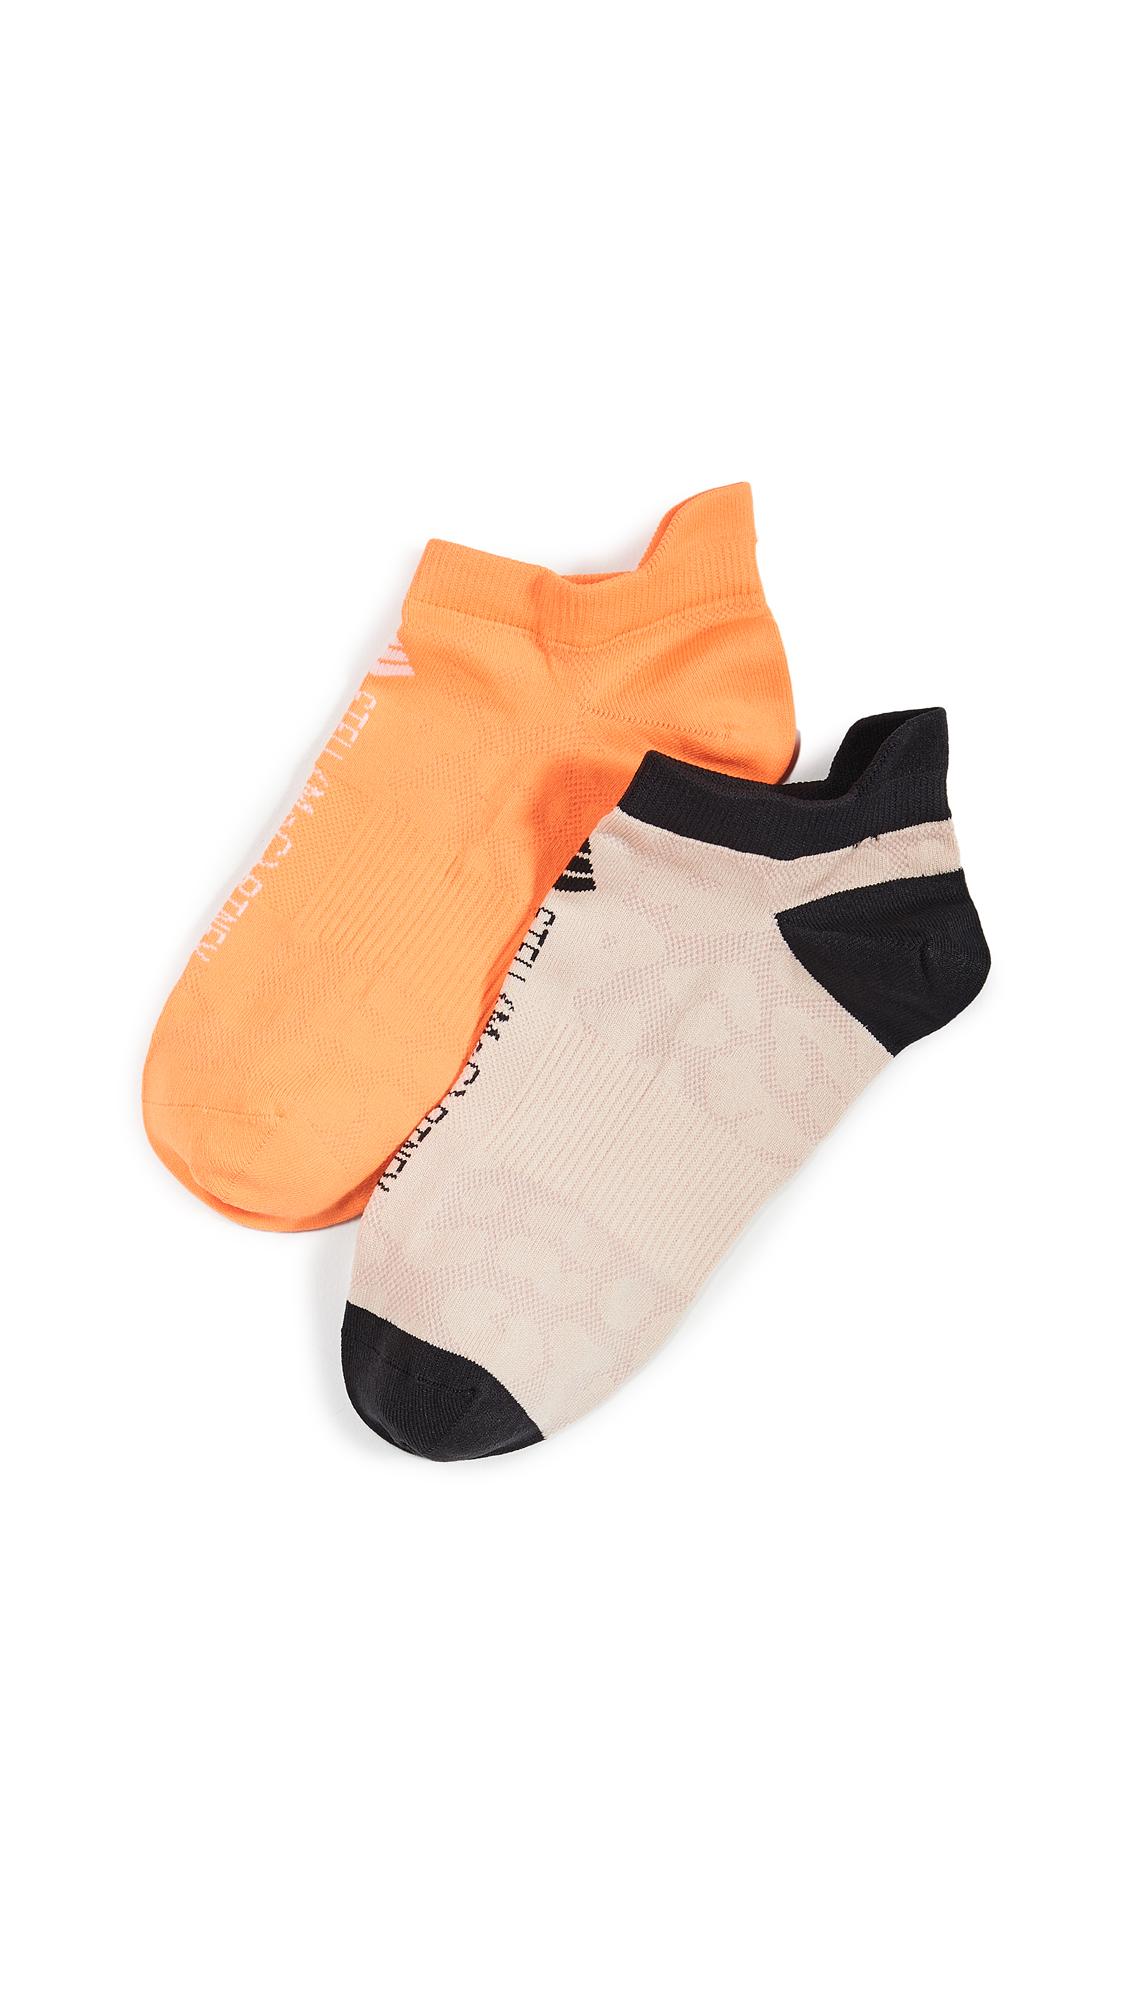 adidas by Stella McCartney Hidden Socks